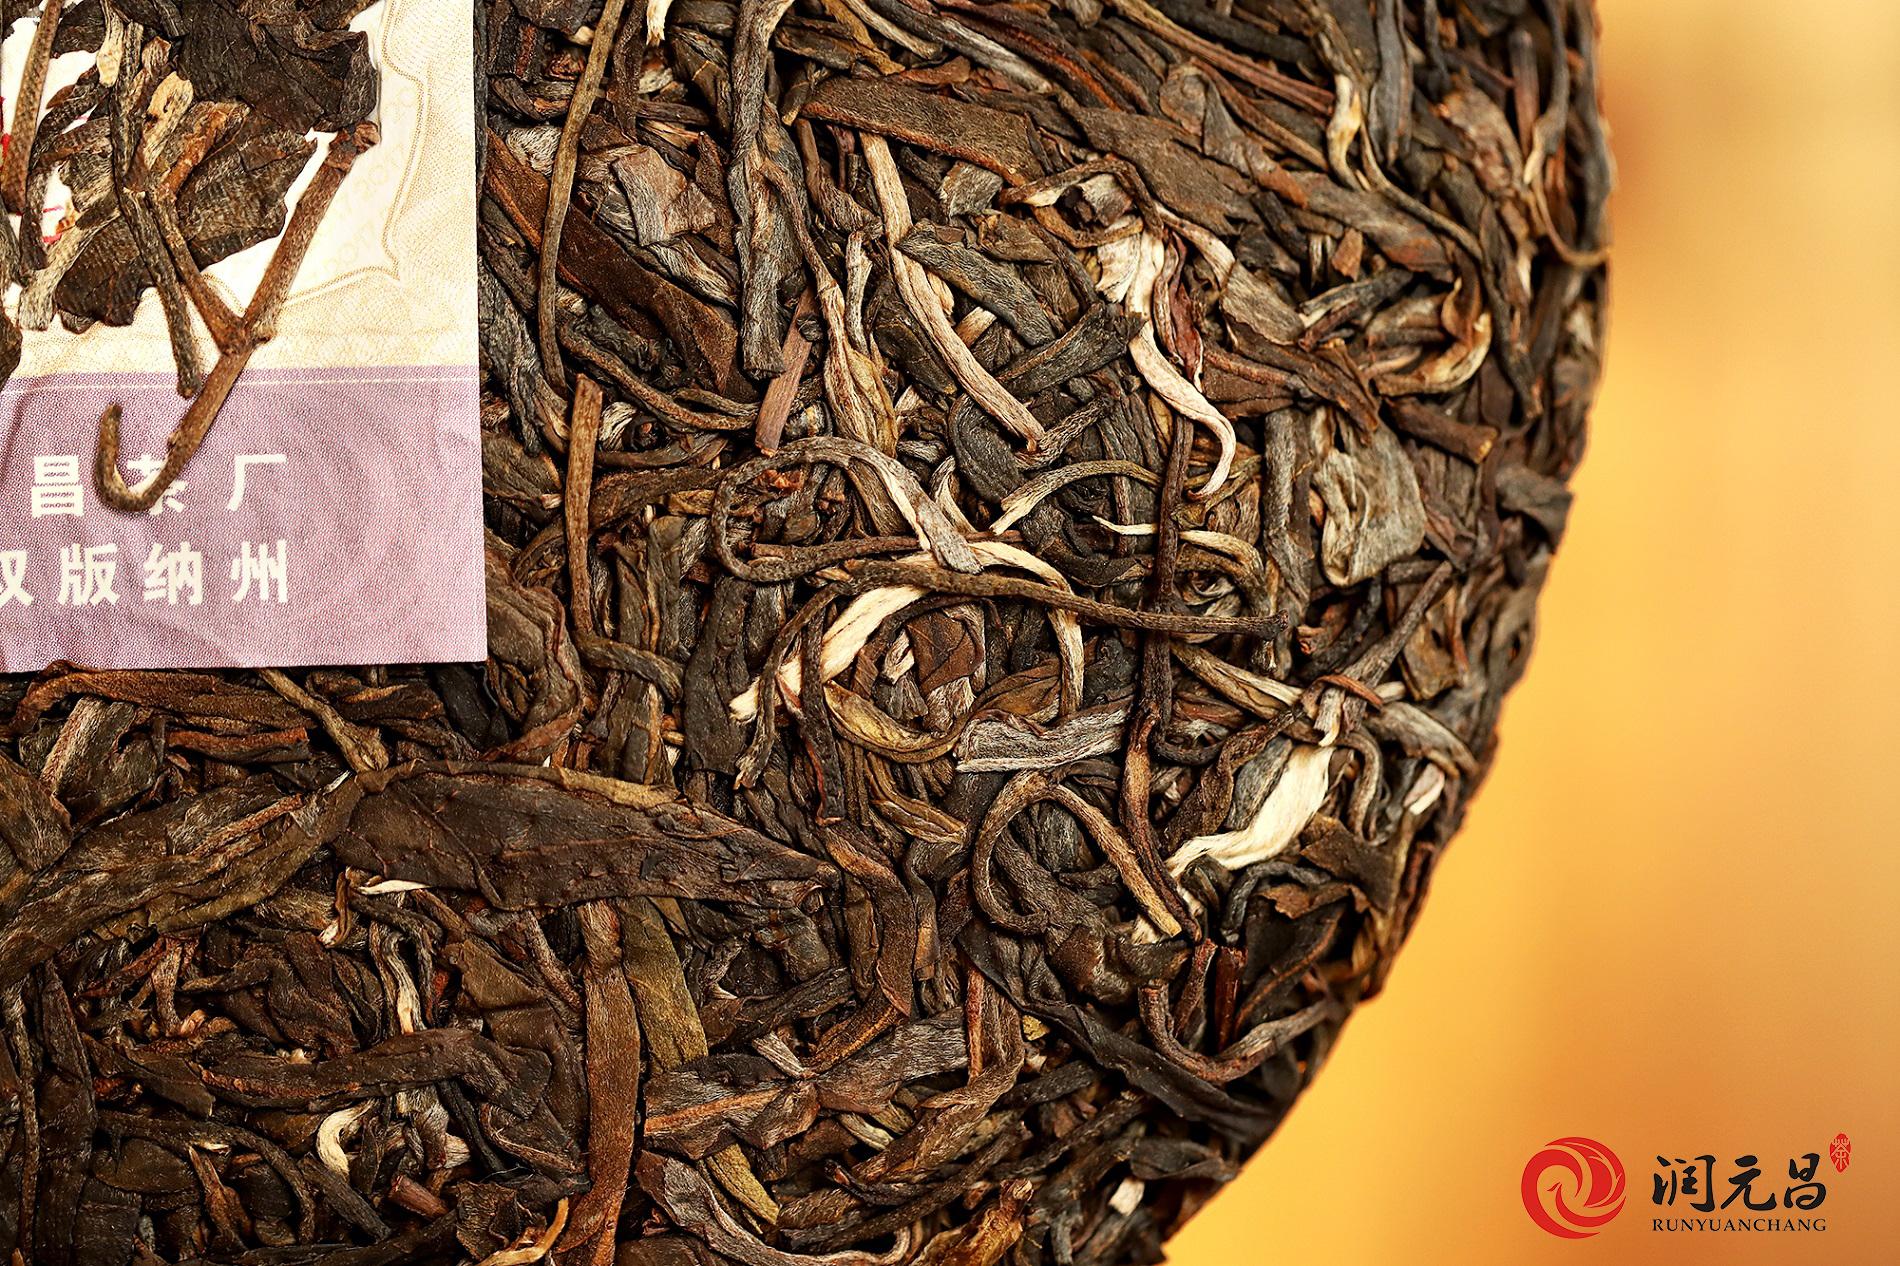 普洱茶投资市场与消耗市场,谁主沉浮?-IMG_0882